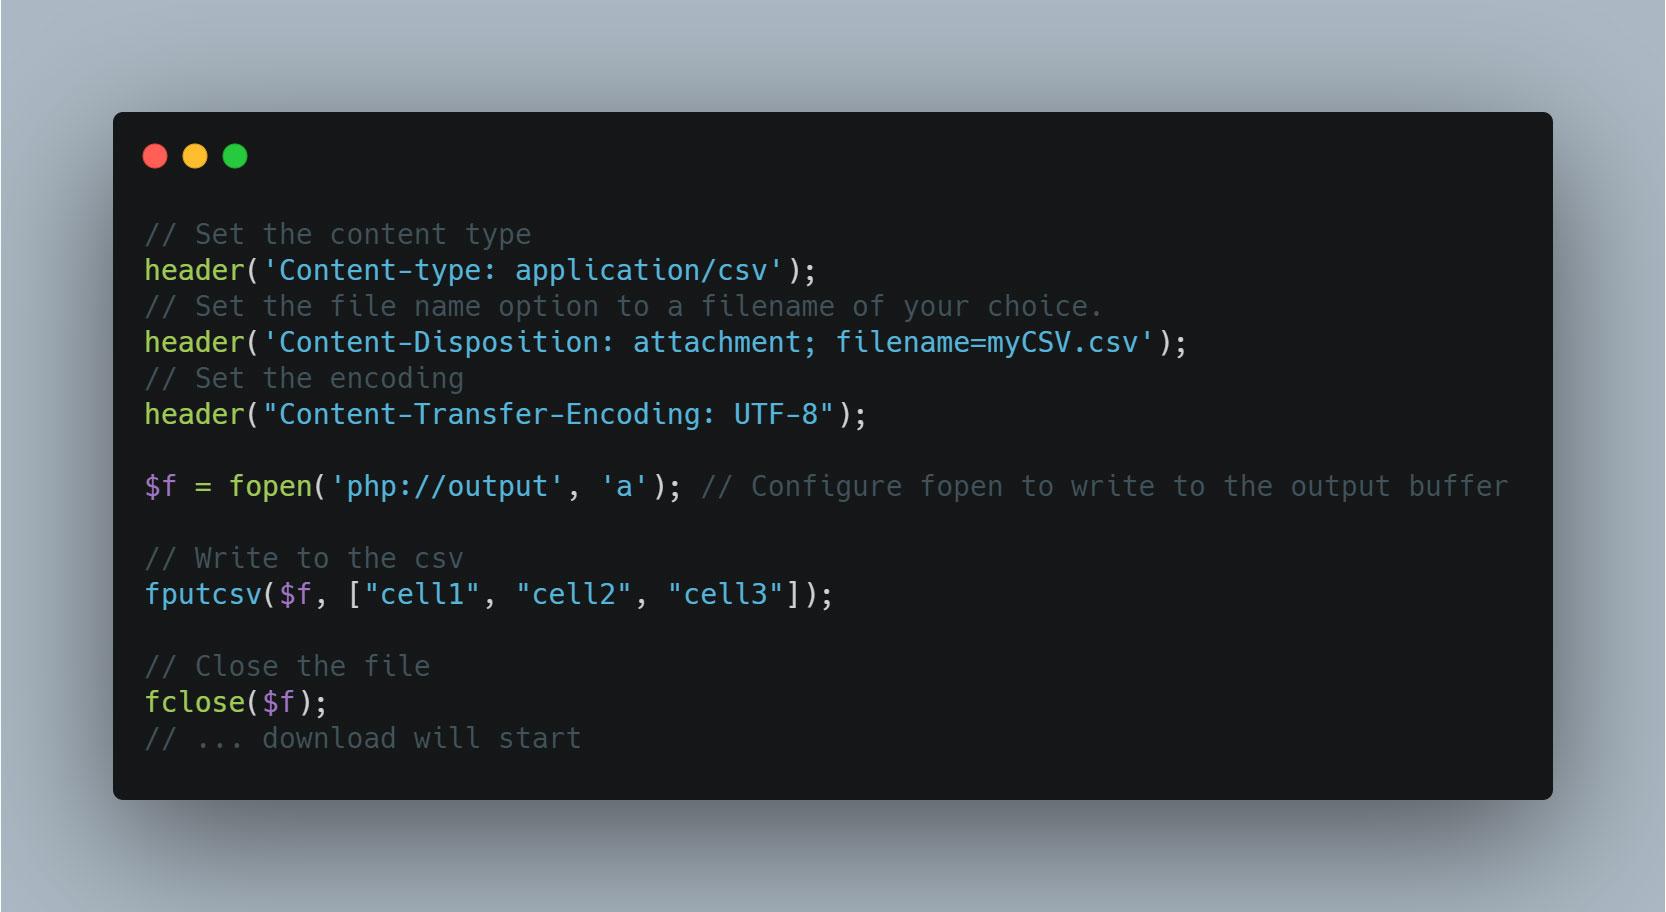 دانلود خودکار فایل CSV در PHP